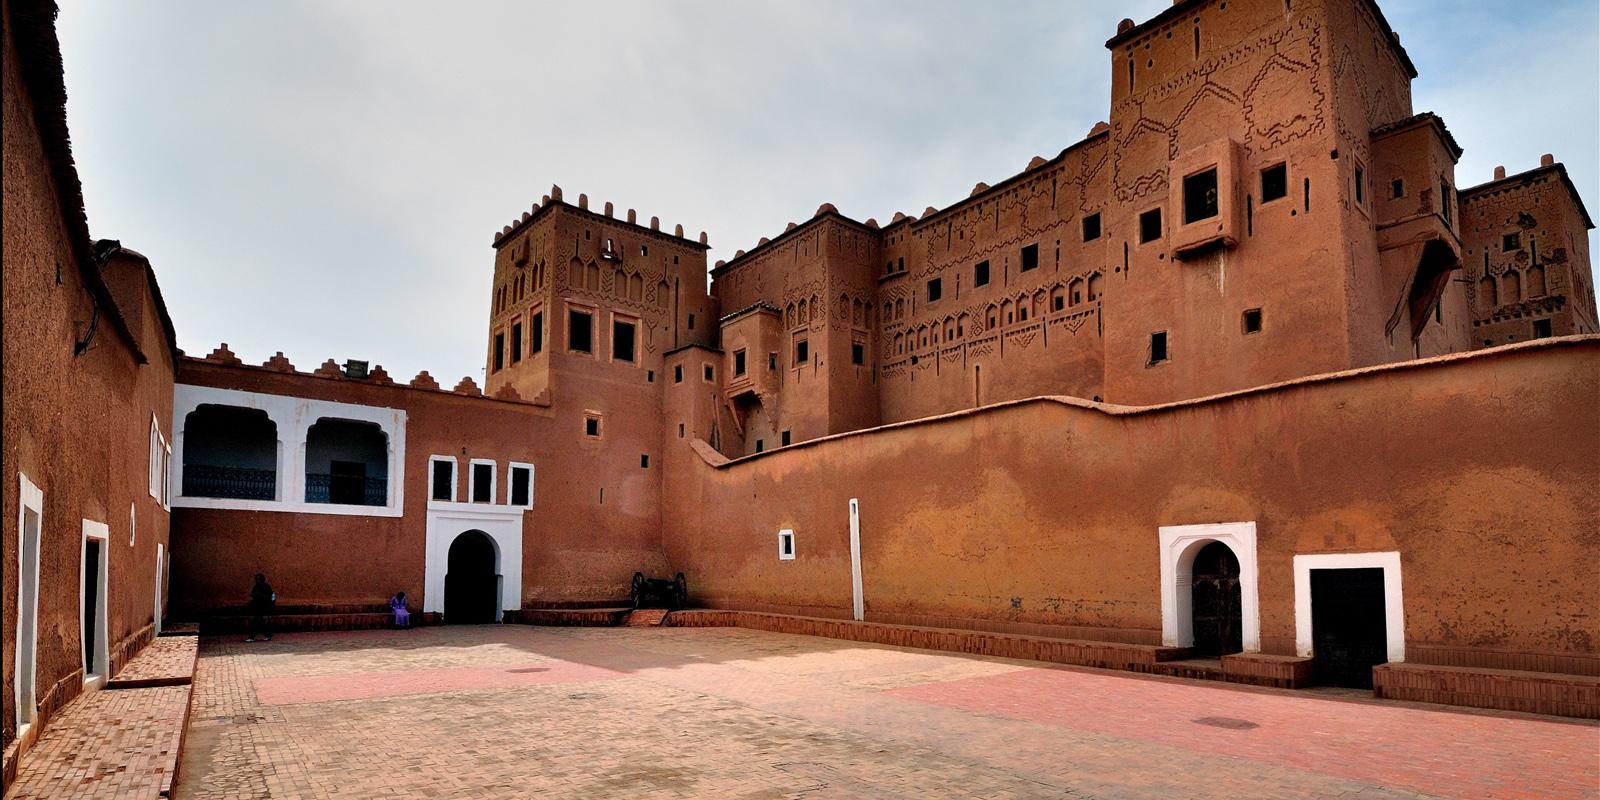 Excursion Ouarzazate - Excursion désert au départ de Ouarzazate